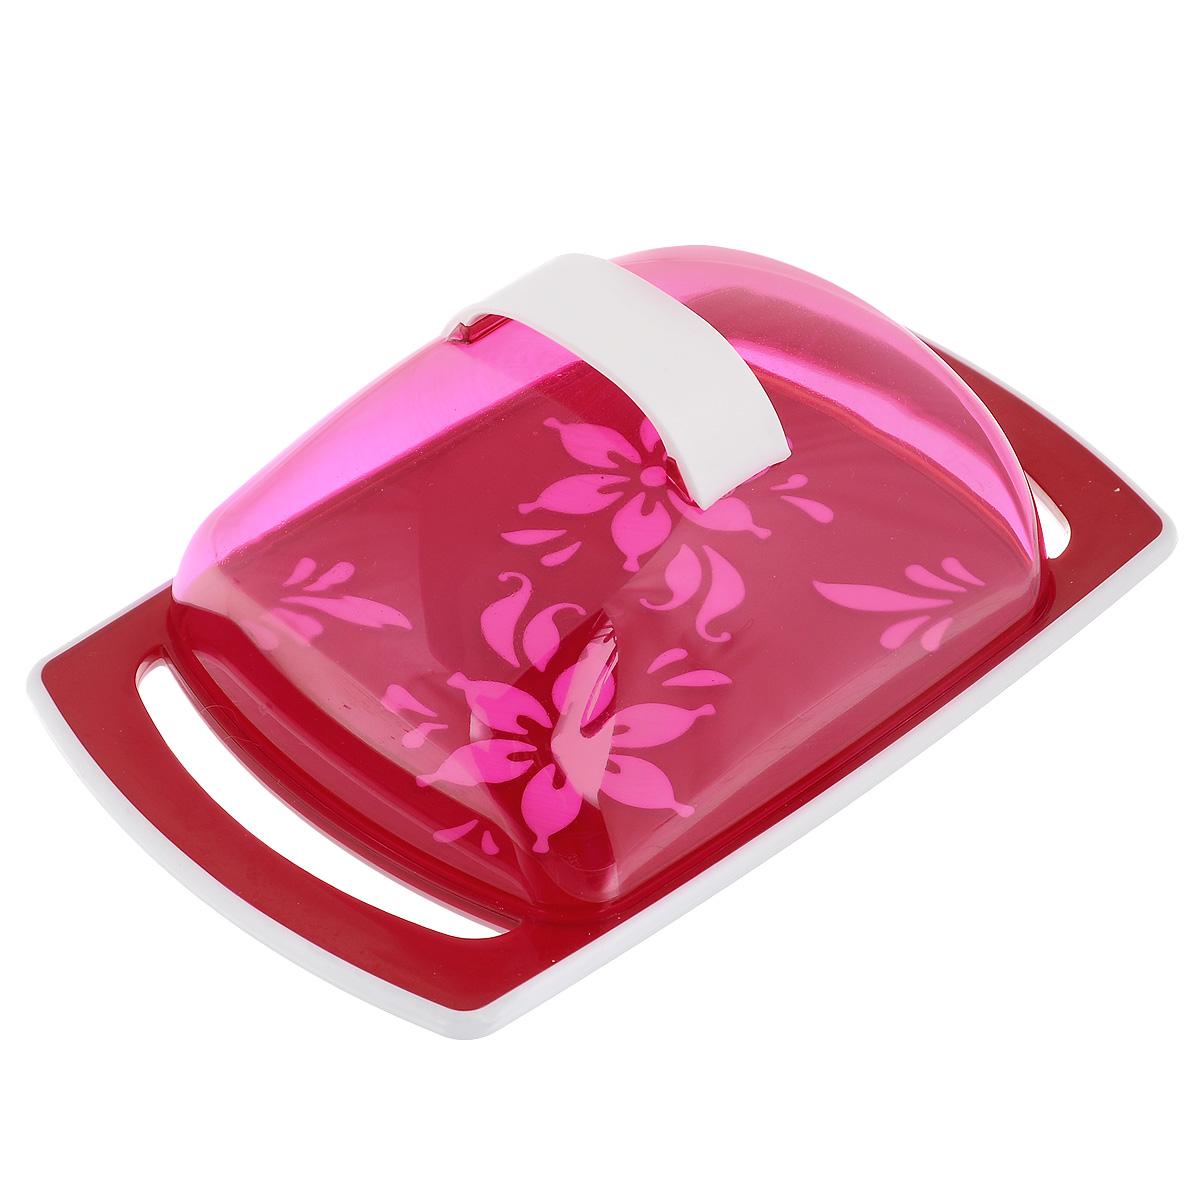 Масленка Альтернатива Премьера, цвет: красный115510Масленка Альтернатива Премьера идеально подходит для хранения масла и сервировки стола. Масленка состоит из подноса, выполненного из пластика, и прозрачной пластиковой крышки с ручкой. Благодаря специальным выемкам крышка плотно устанавливается на поднос. Поднос масленки украшен яркими цветами.Масло в такой масленке долго остается свежим, а при хранении в холодильнике не впитывает посторонние запахи. Рекомендации по использованию: - Не используйте для чистки абразивные моющие средства. - Берегите крышку от нагревания. - Хранить вдали от источников тепла. - При отрезании масла избегайте сильных воздействий на основание масленки во избежание ее повреждения.Размер масленки: 18 см х 11,5 см х 5,5 см.